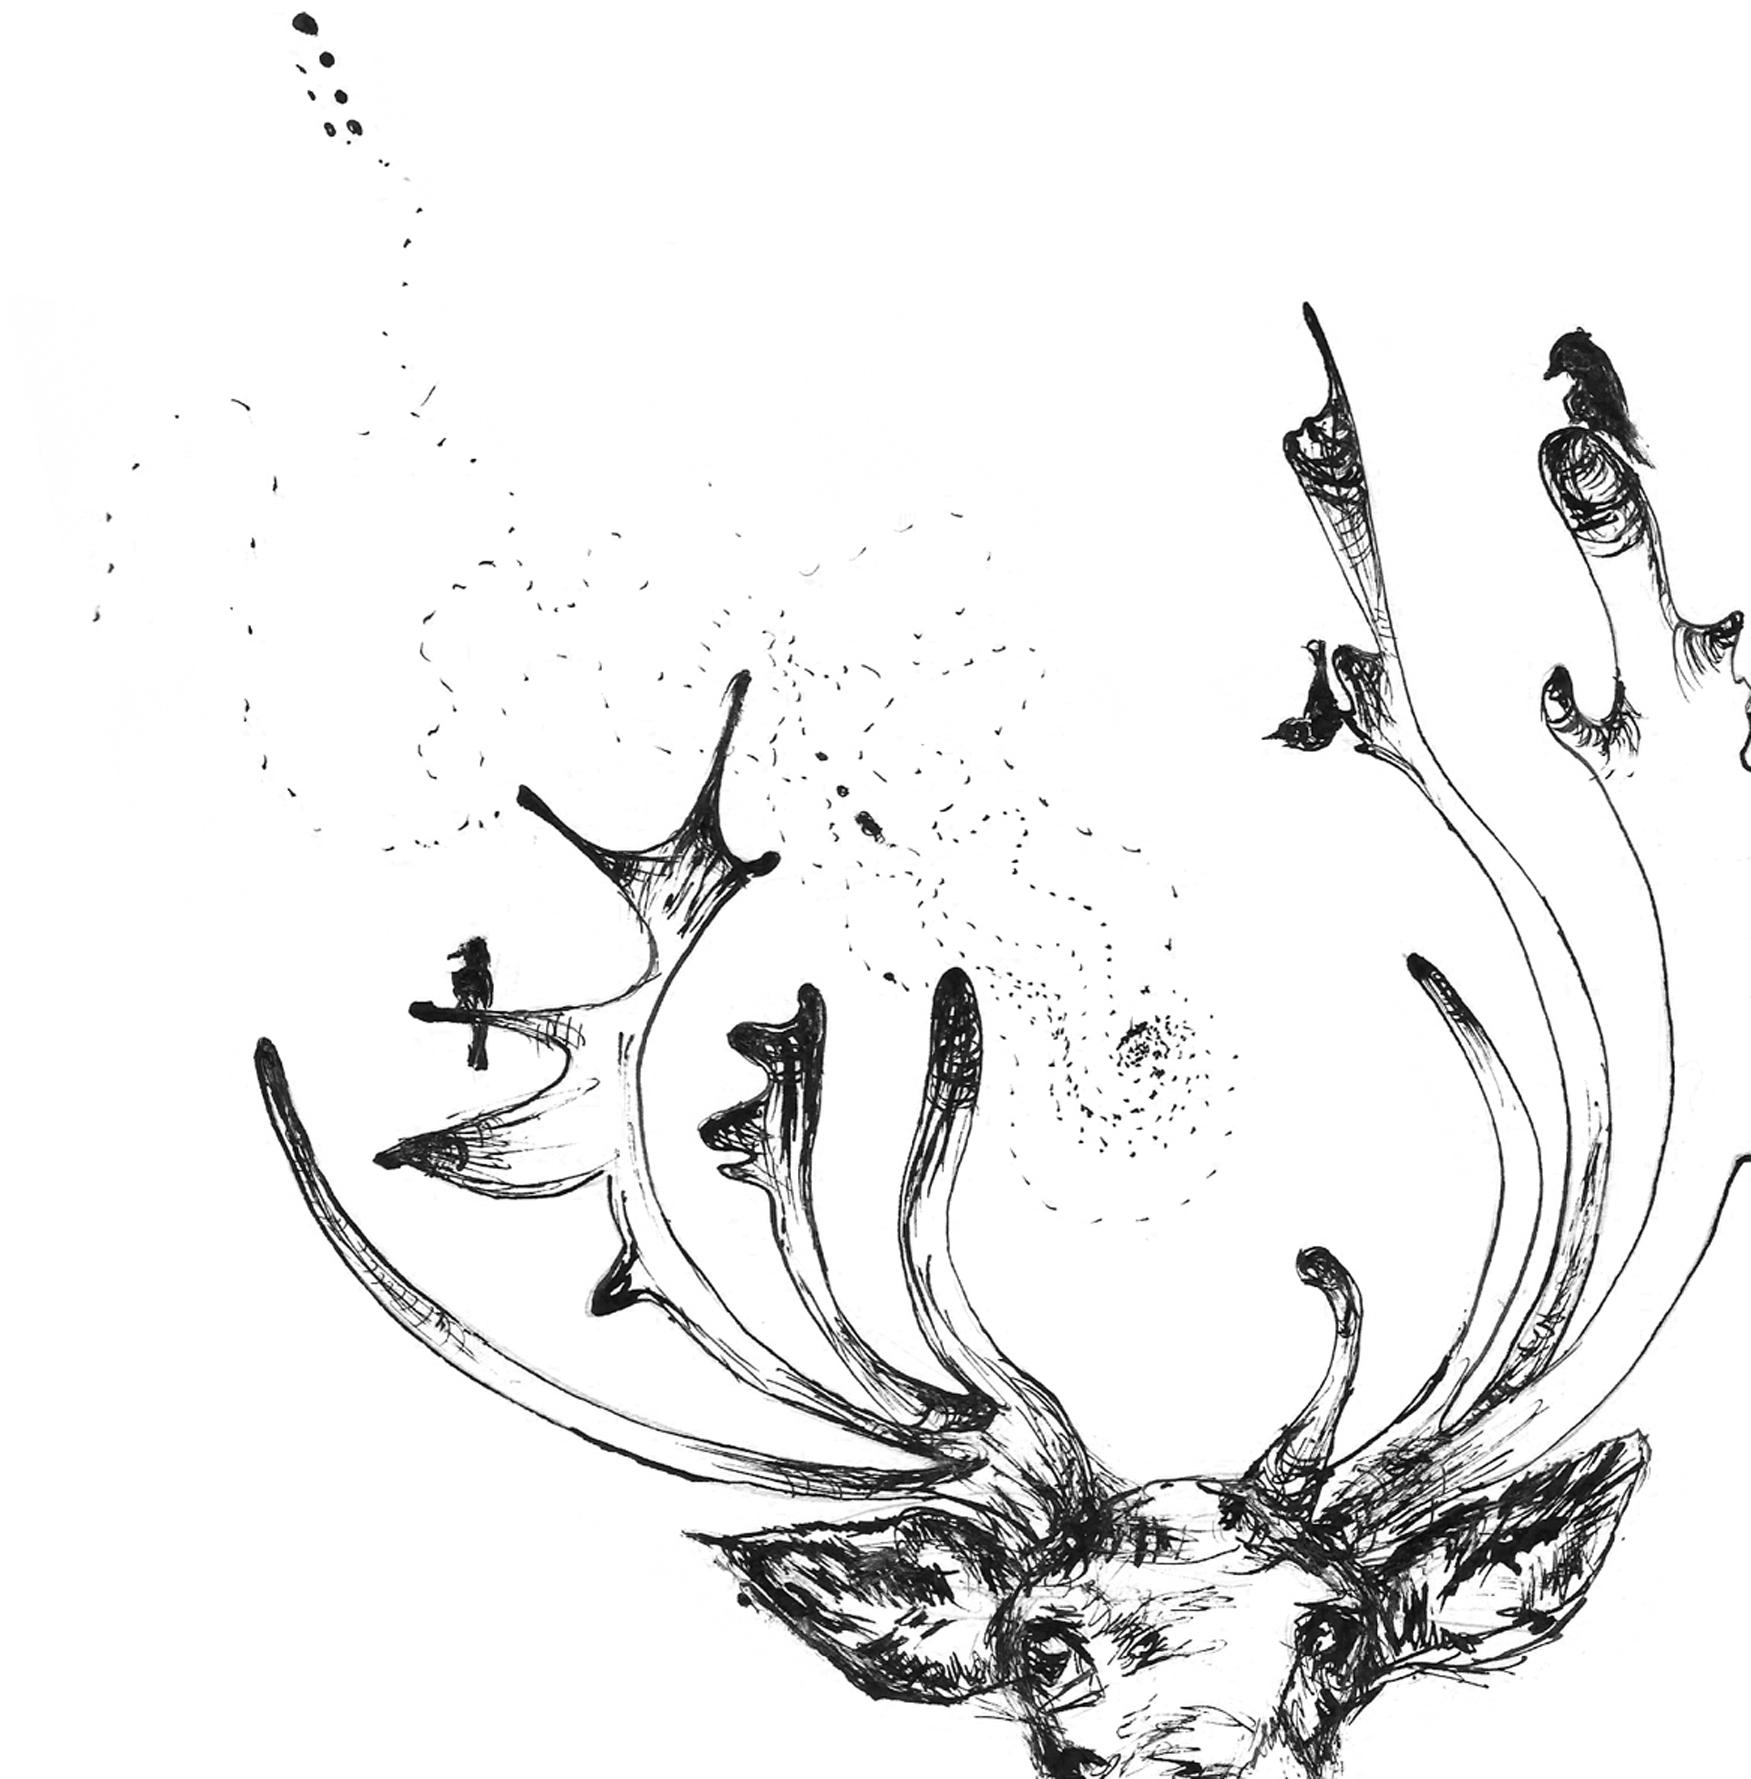 Drawn reindeer face Reindeer reindeer what The now